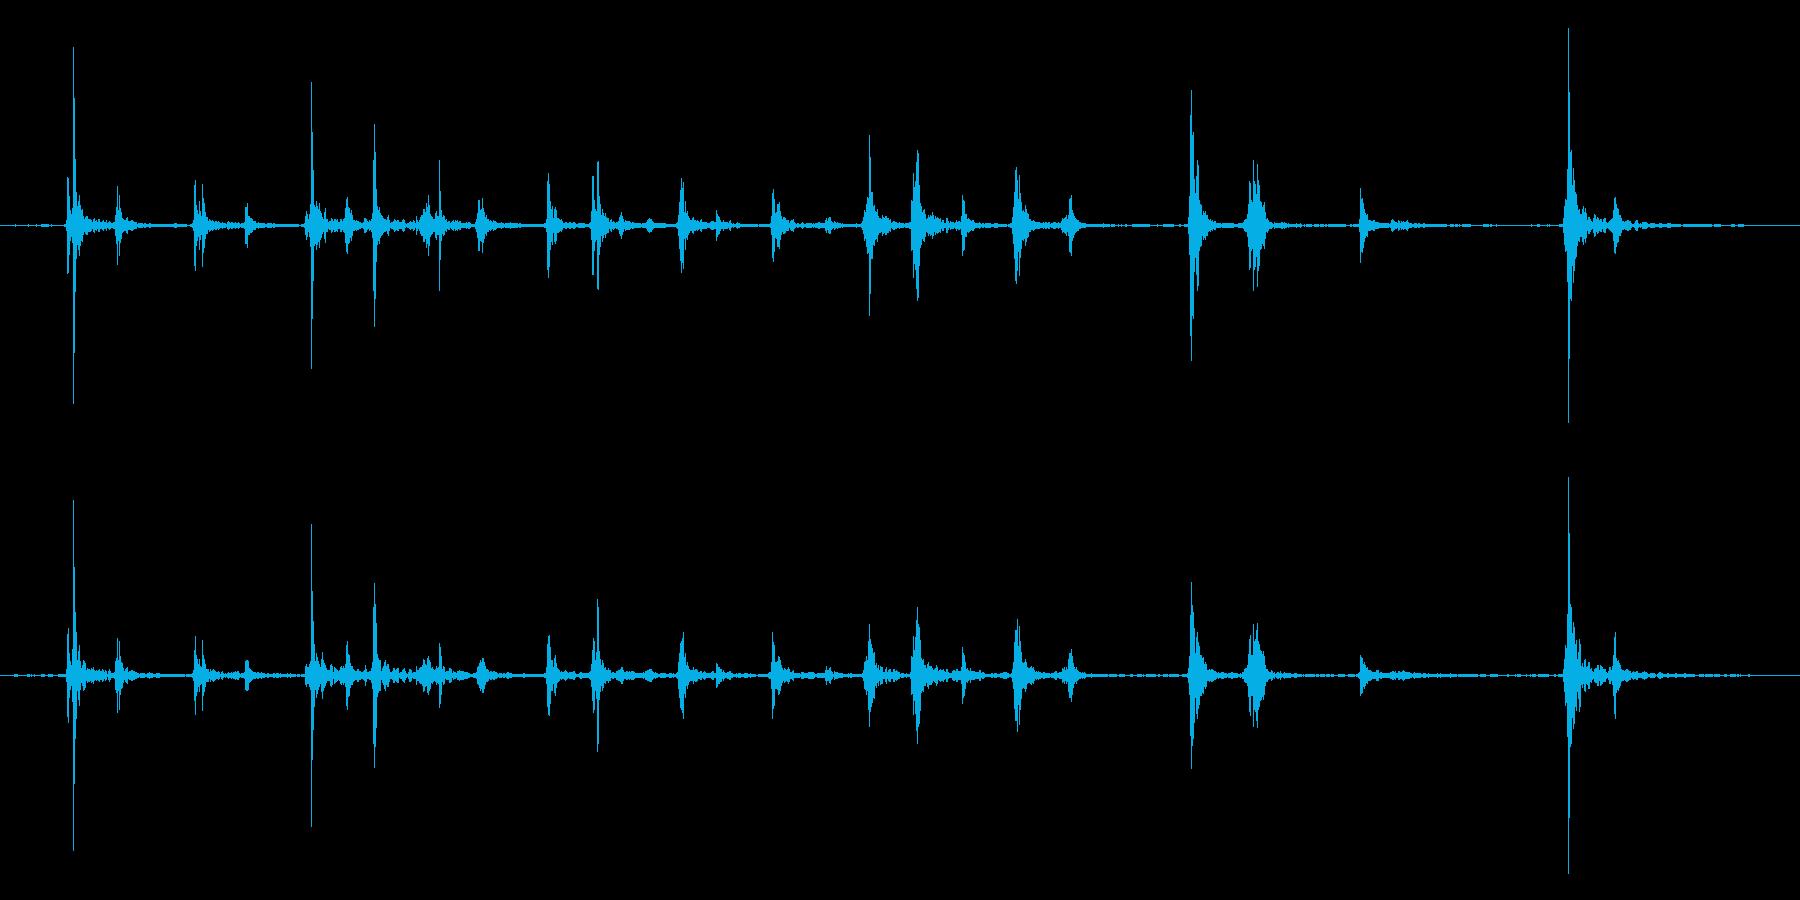 キーボードをタイピングするリアル効果音2の再生済みの波形